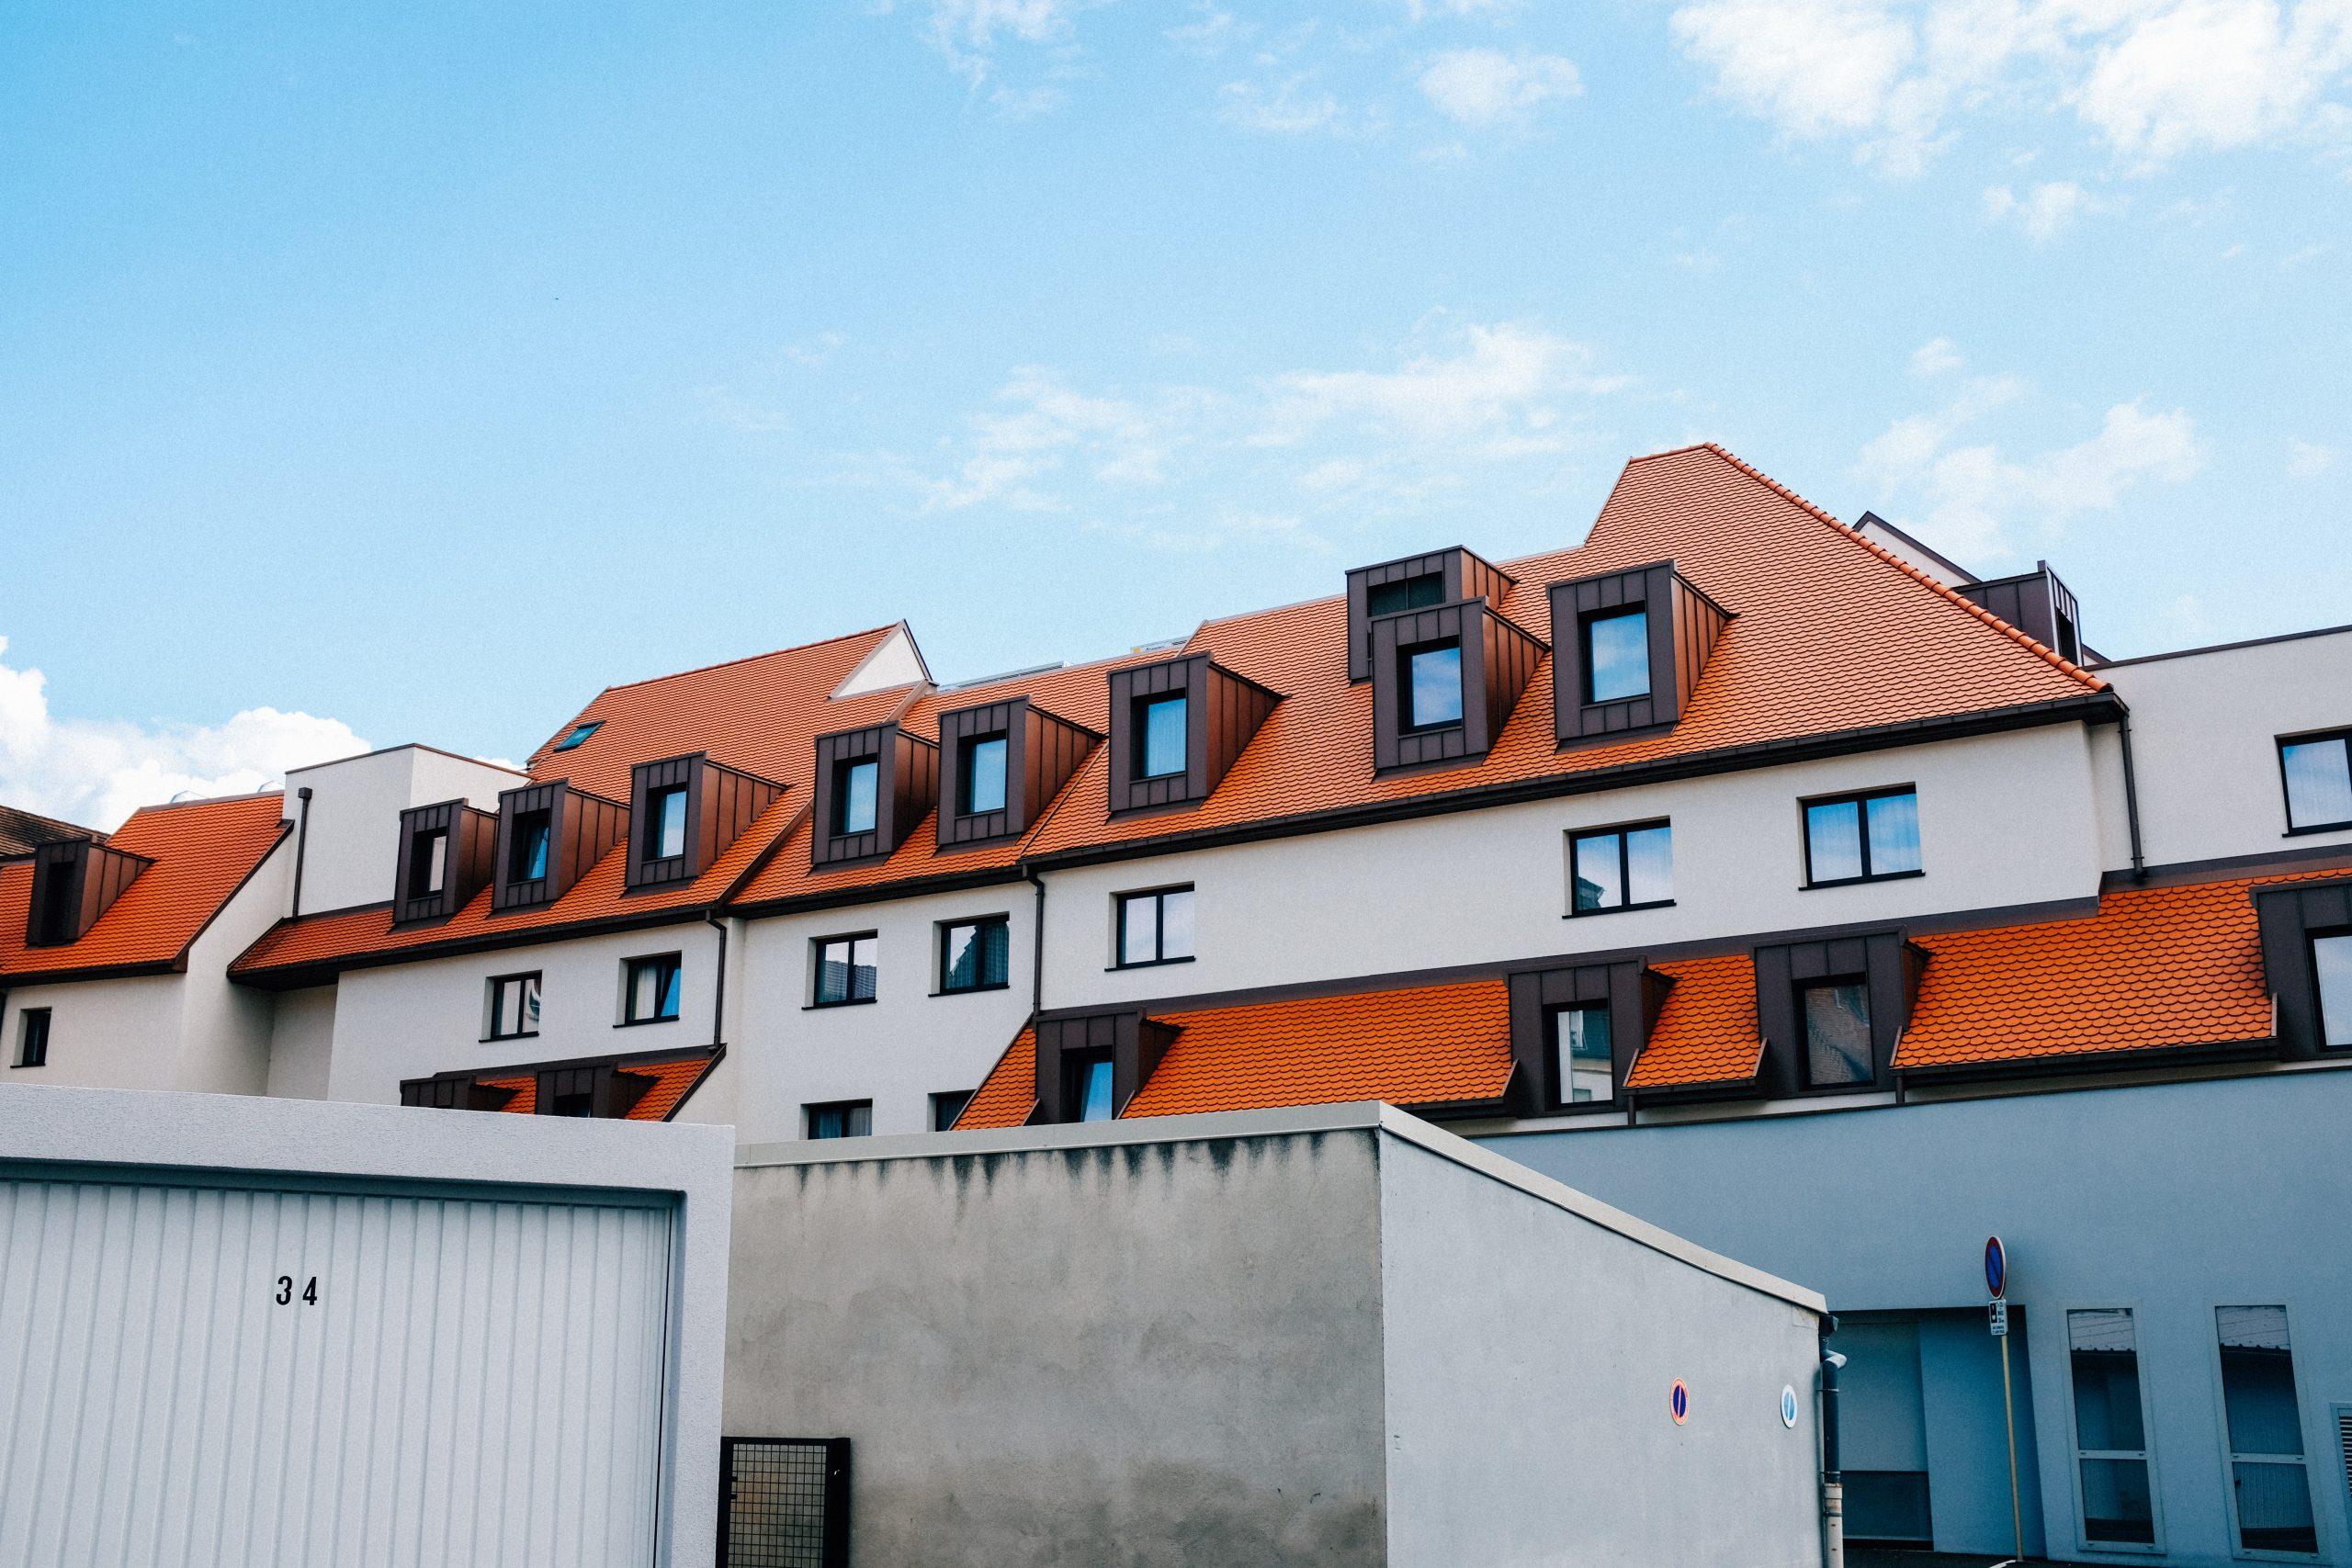 Izolacje natryskowe na budynkach